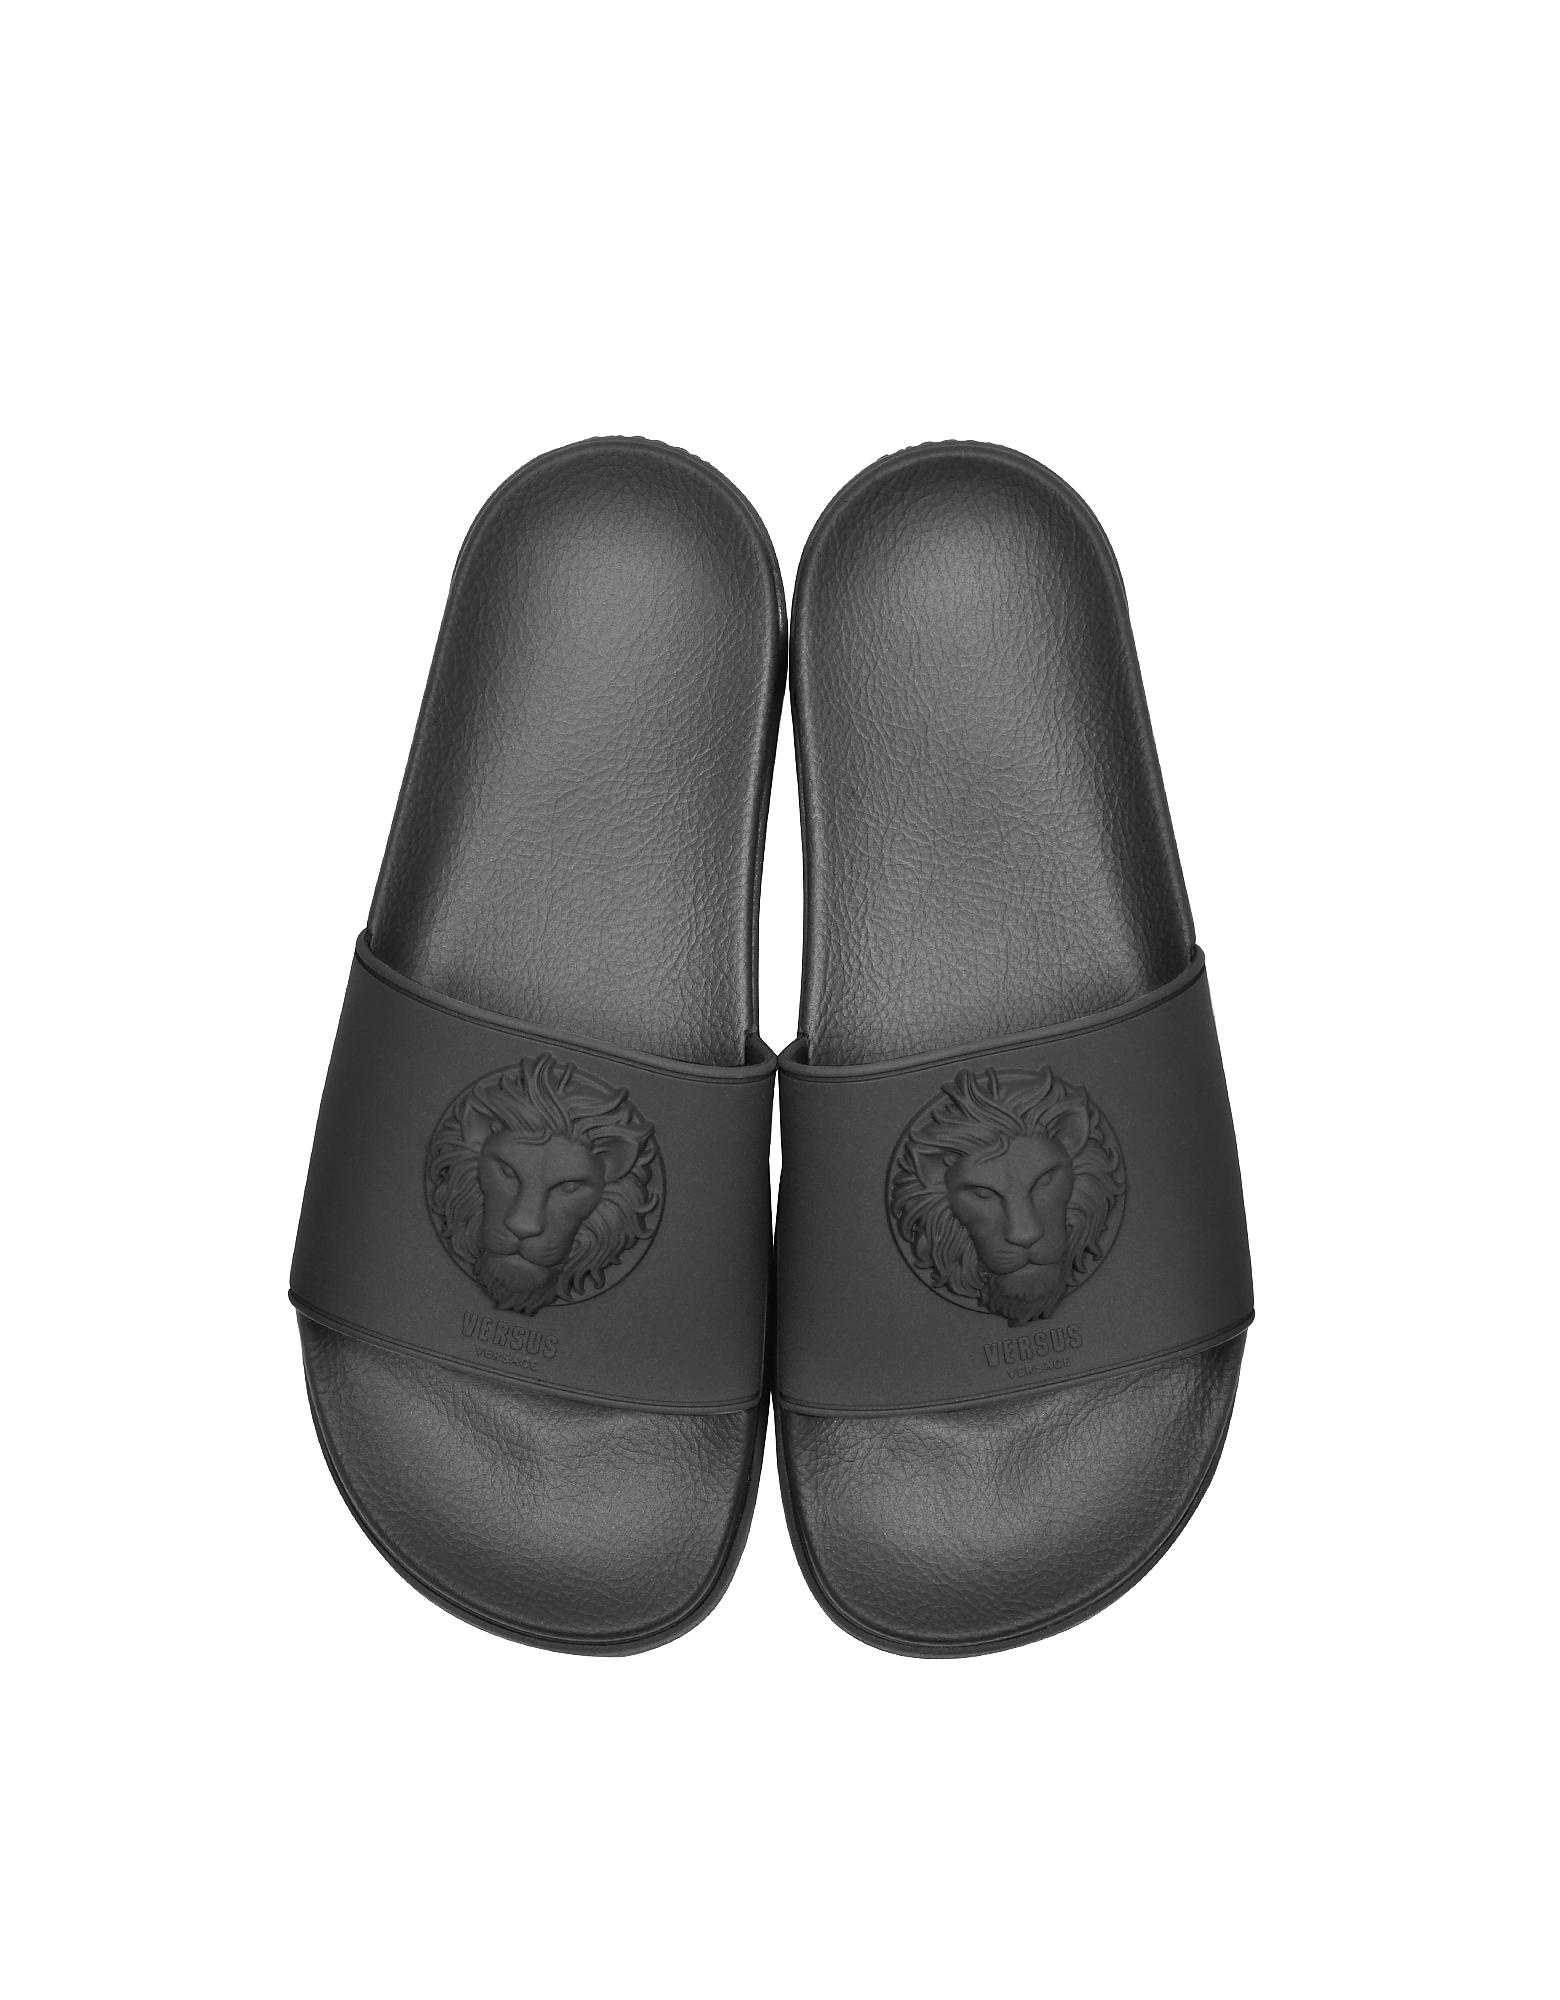 Lion Head Black Rubber Men's Slide Sandals